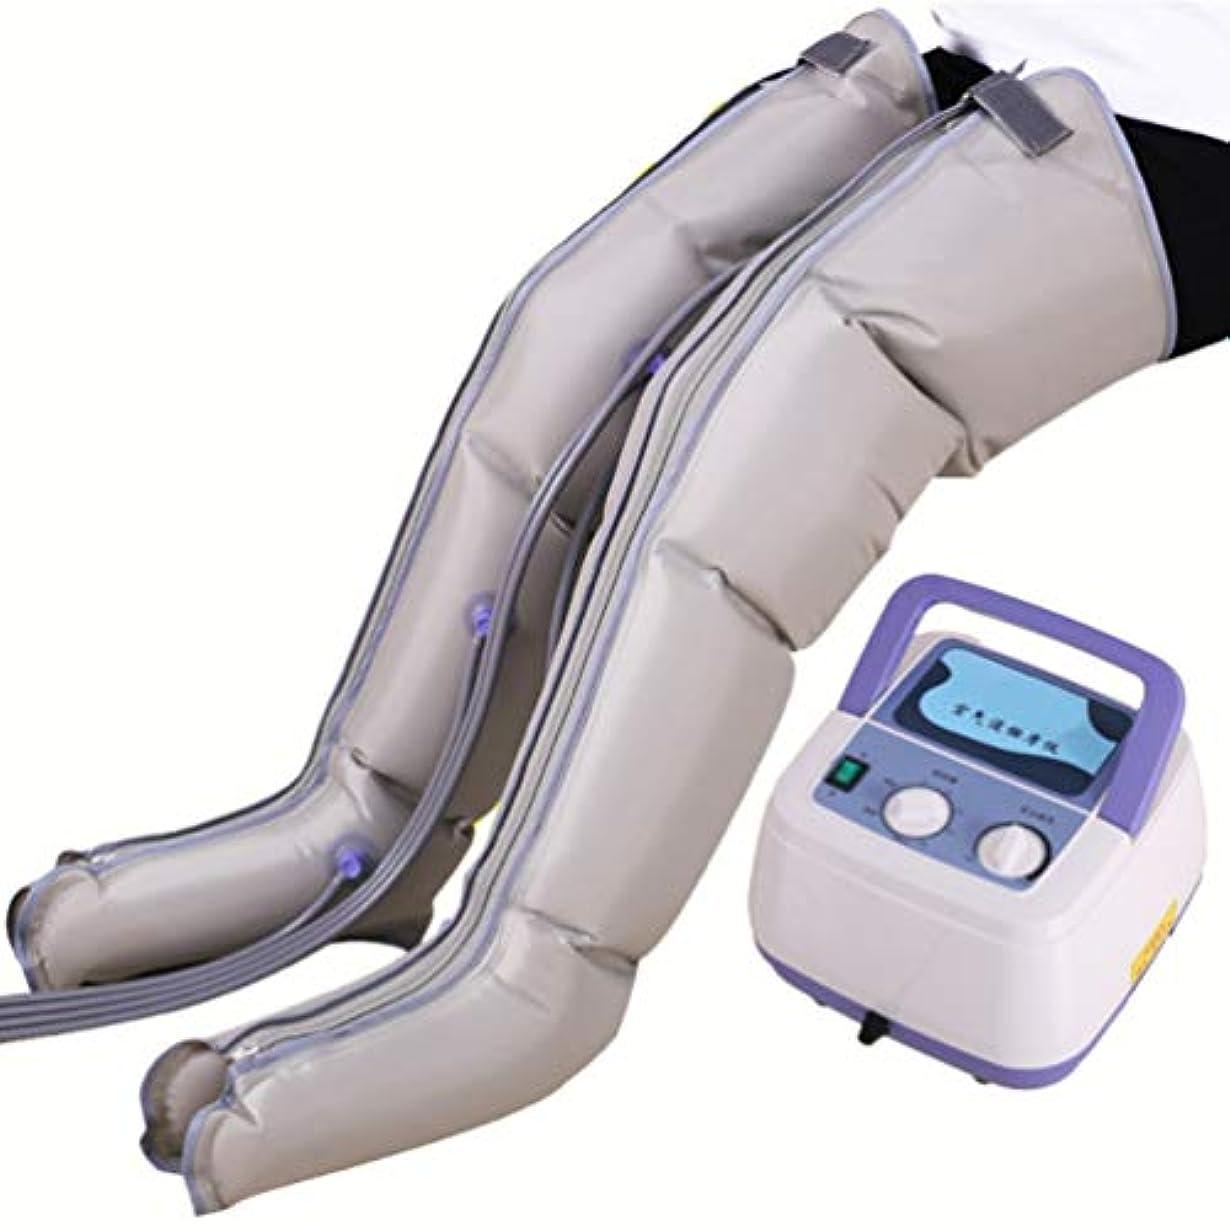 逮捕ネブ溝空気圧縮の足のマッサージャー4つのキャビティ足およびフィートの筋肉循環のマッサージ療法のために任意6つのキャビティは膨潤および浮腫の苦痛を助けます,sixCavity